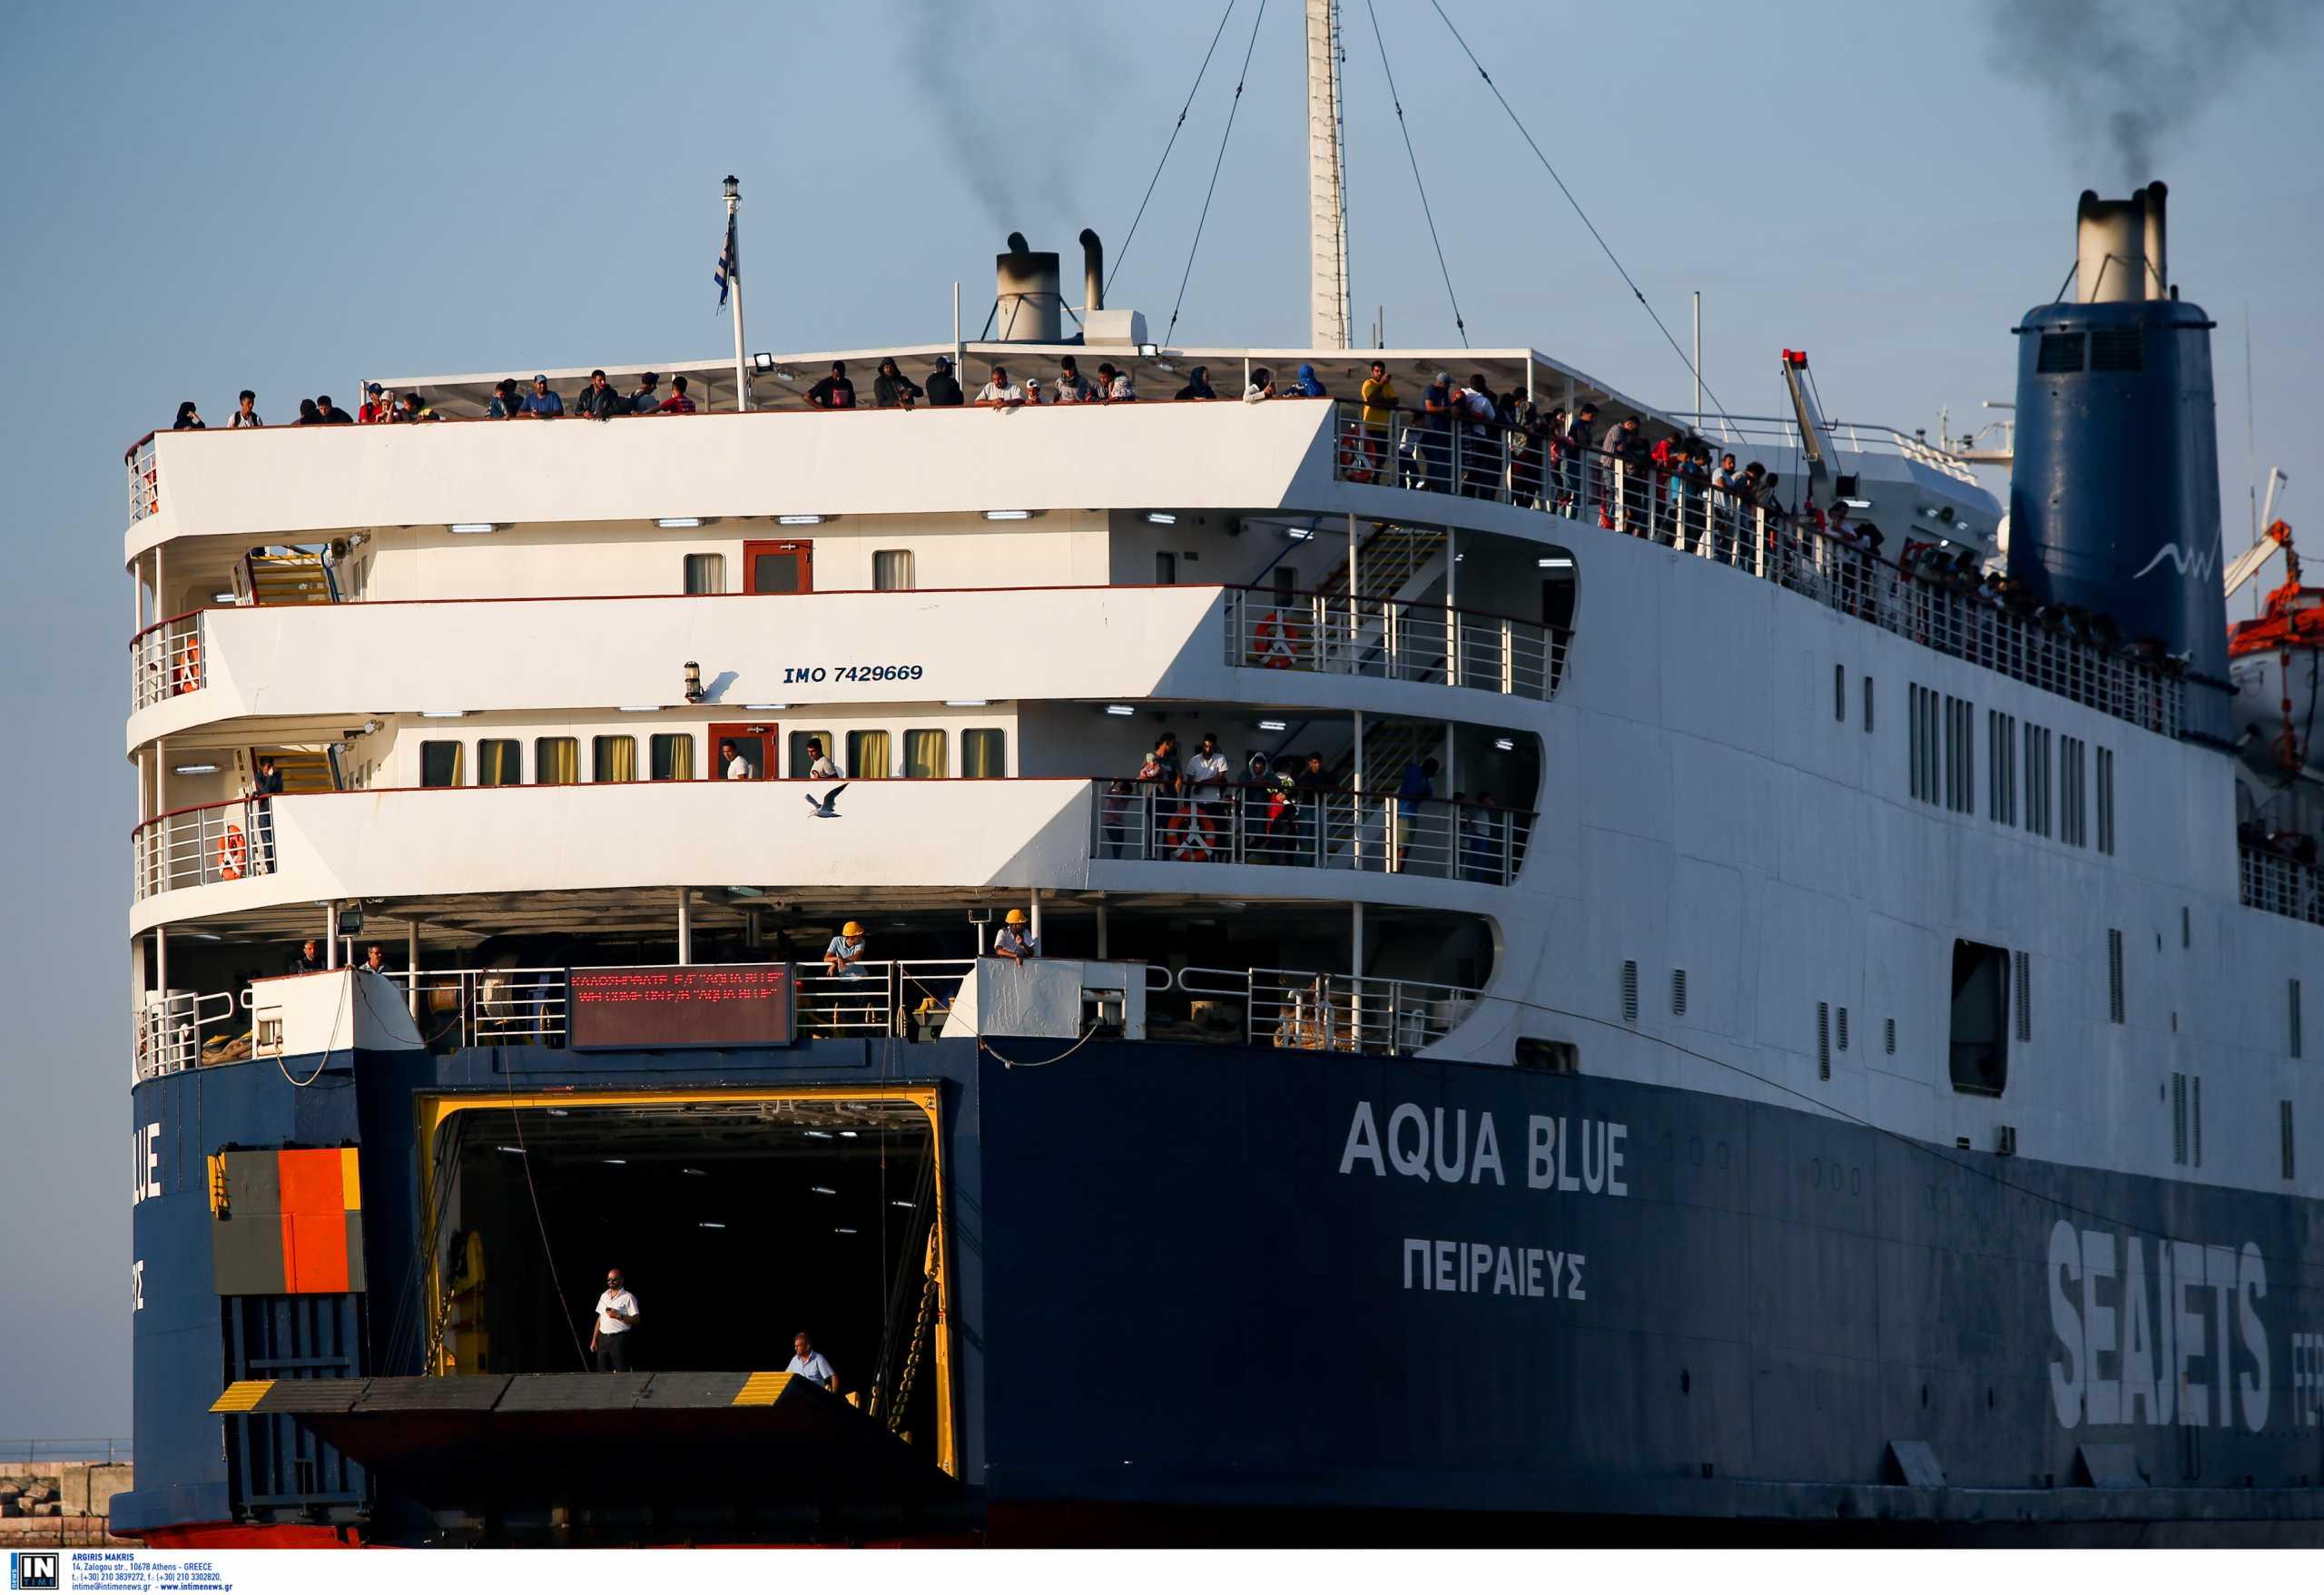 """Λήμνος: Ταξιδεύει χωρίς επιβάτες για Λαύριο το πλοίο """"Aqua Blue"""" που παρουσίασε μηχανική βλάβη"""